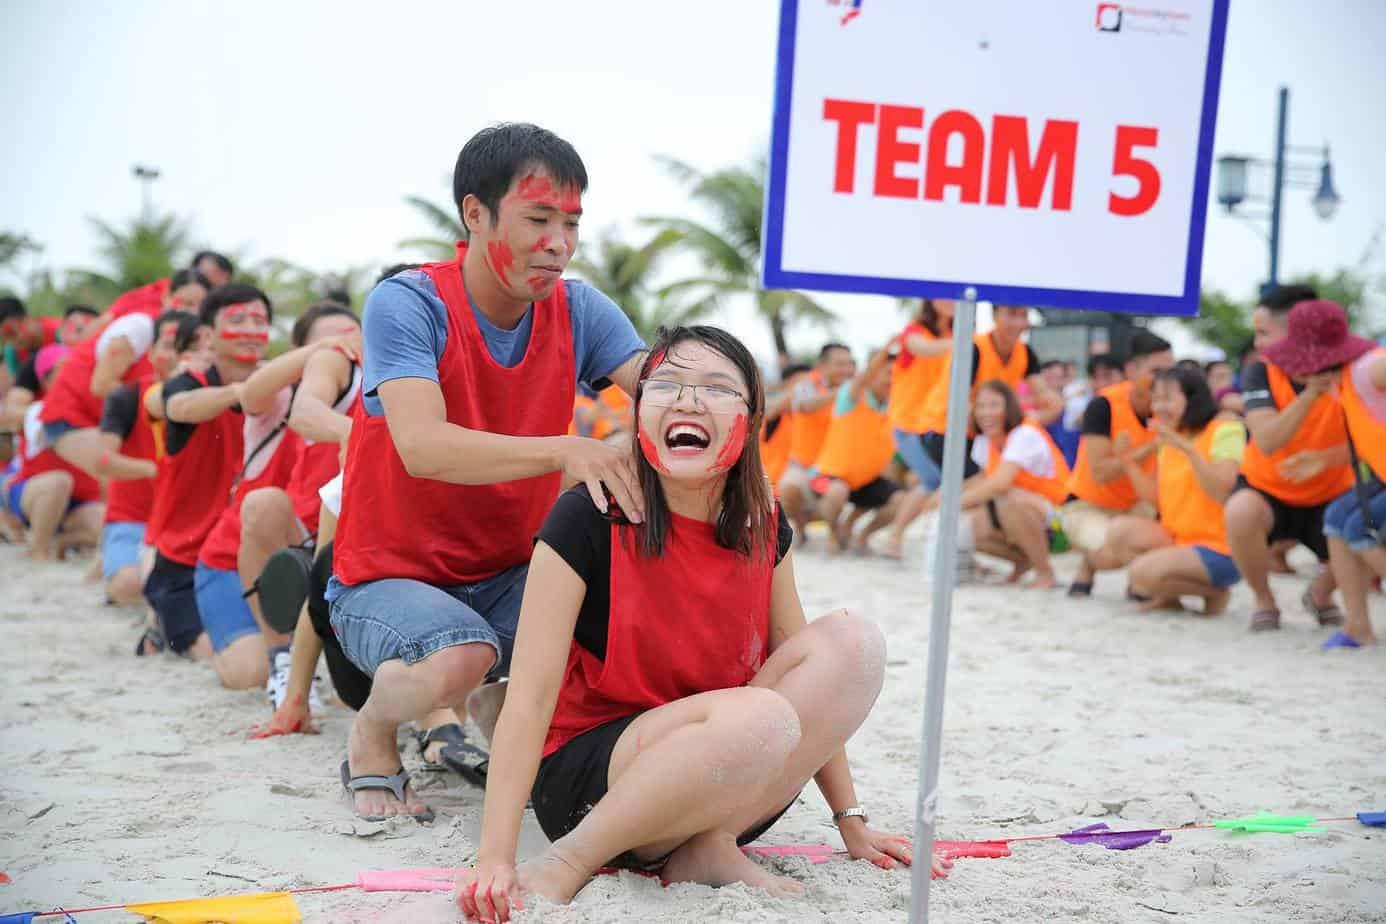 Top 10 Đơn Vị Tổ Chức Teambuilding Uy Tín Tại Hà Nội -  - Công ty Ancoric | Công ty Cổ Phần Việt Nam Team Building | Công ty CP Du lịch và Truyền Thông ETV Hà Nội 47